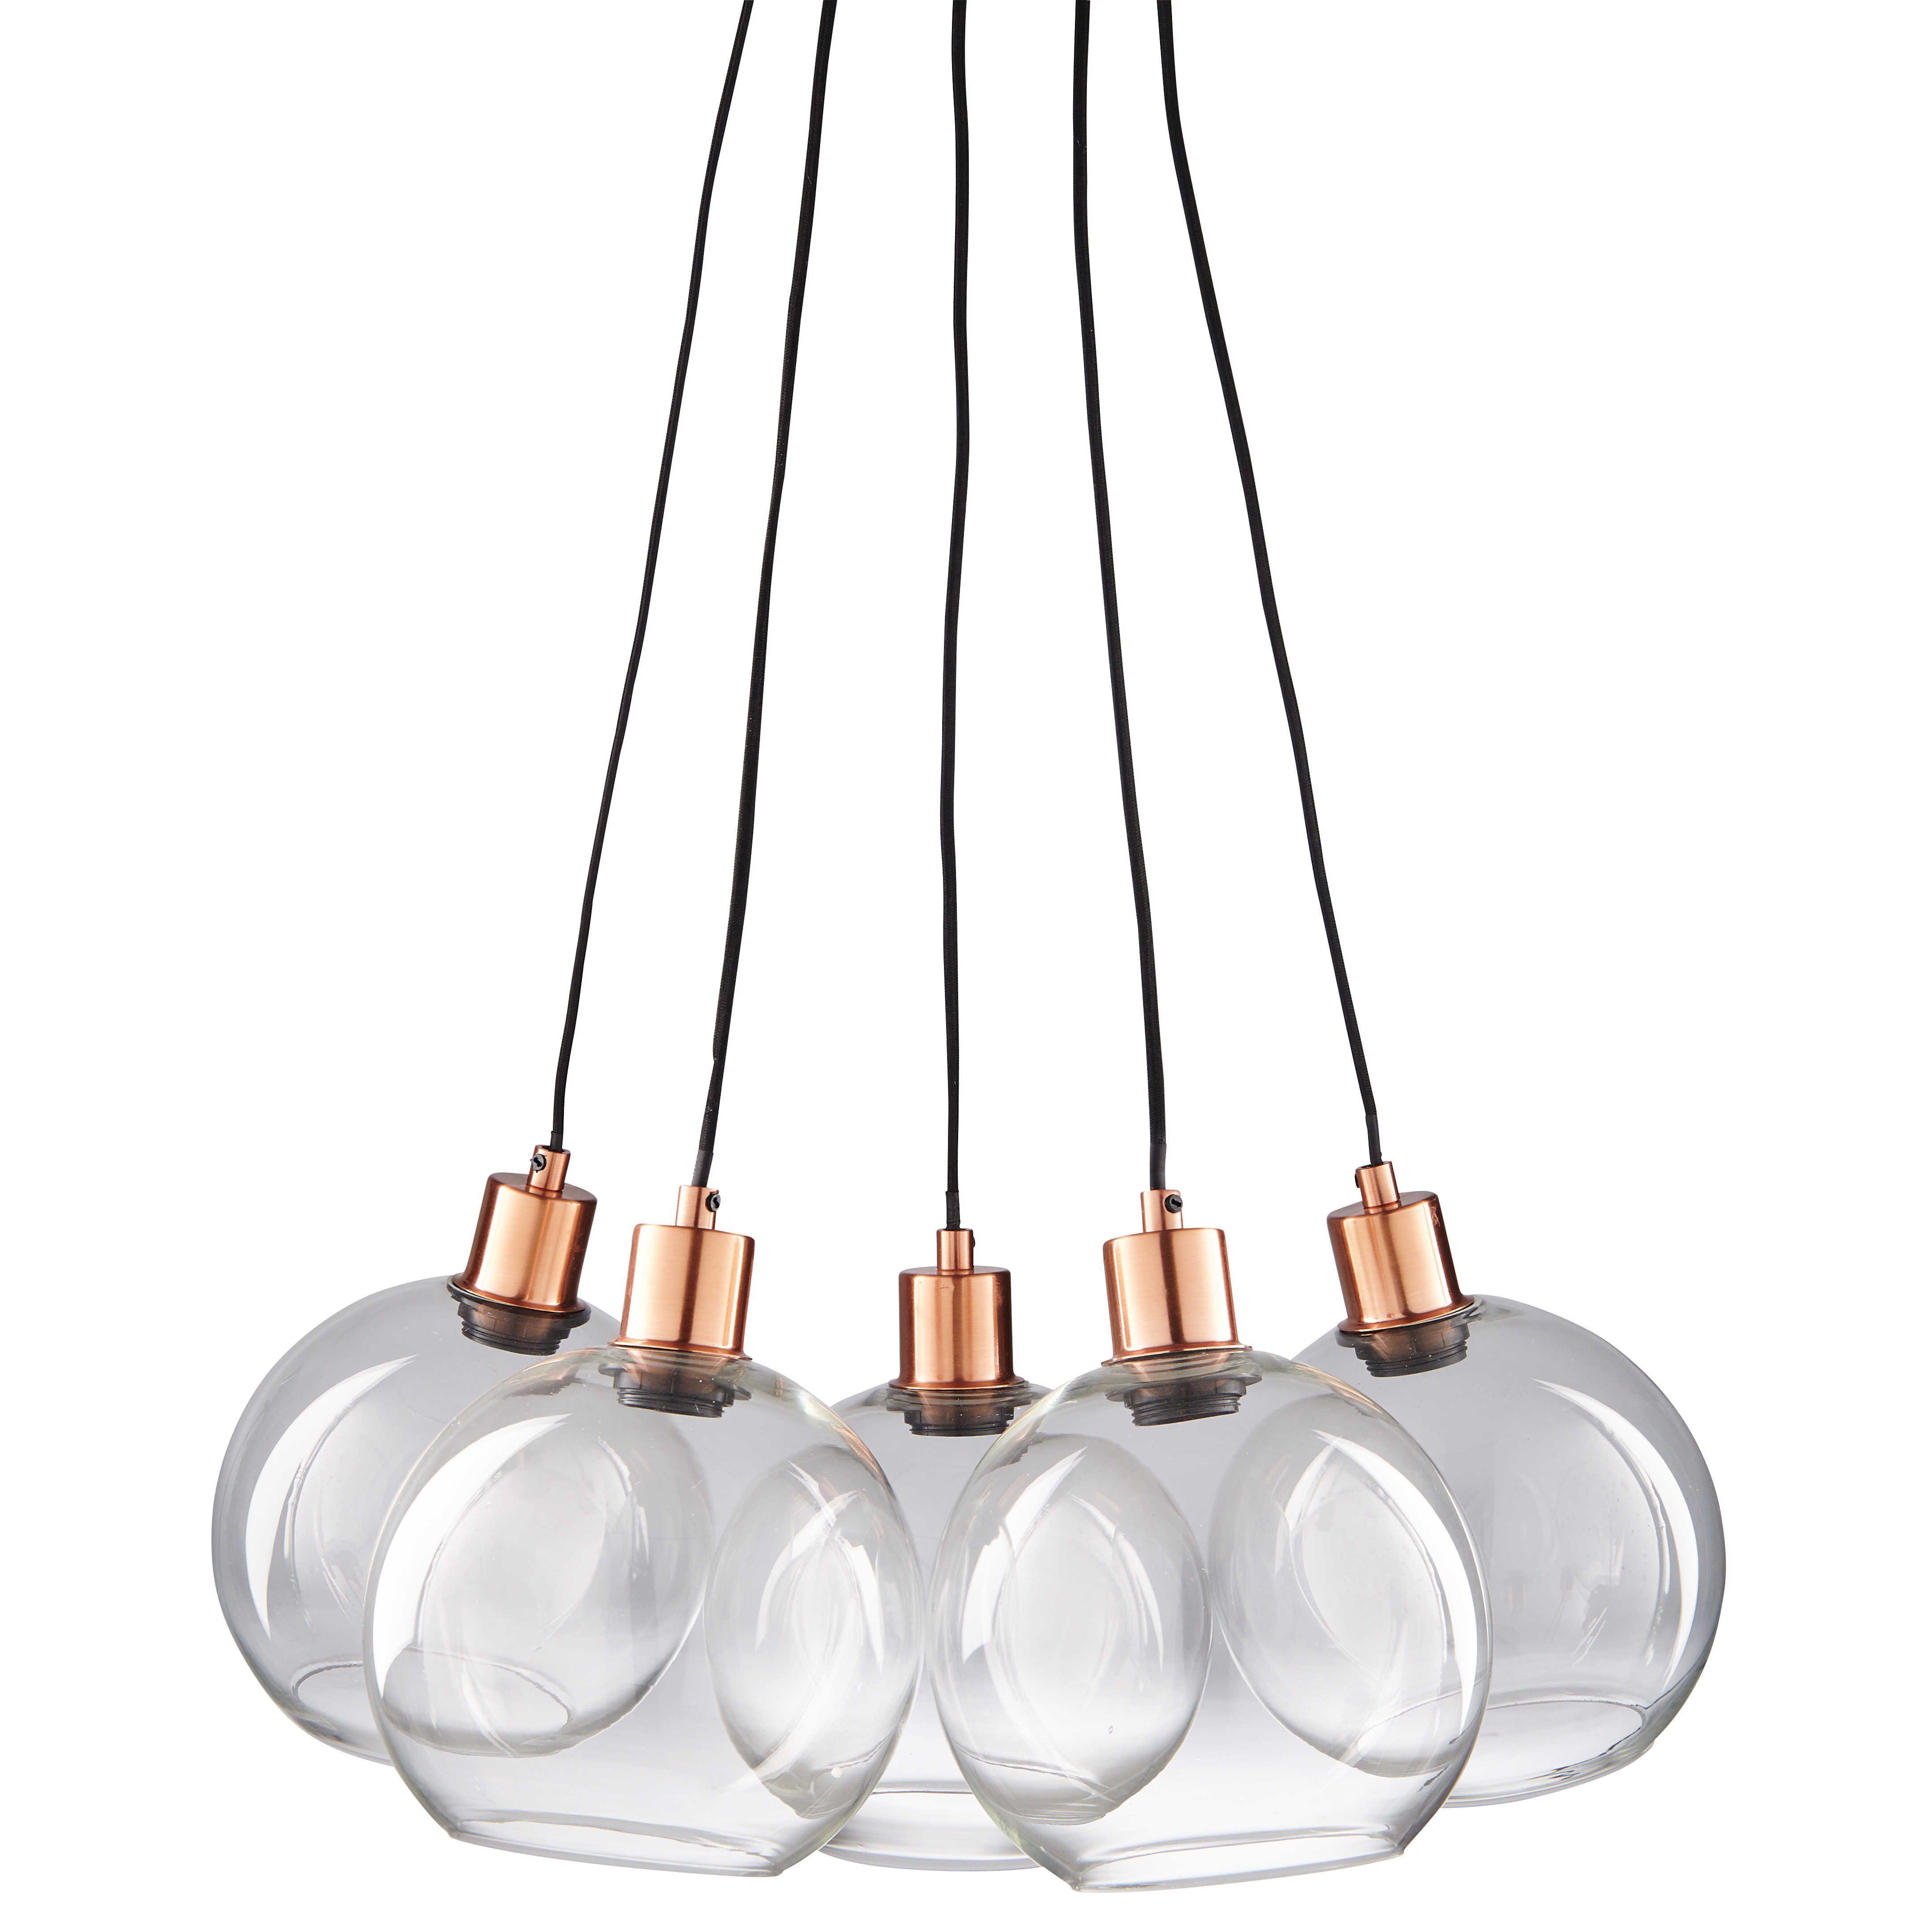 Suspension 5 ampoules en verre et métal cuivré